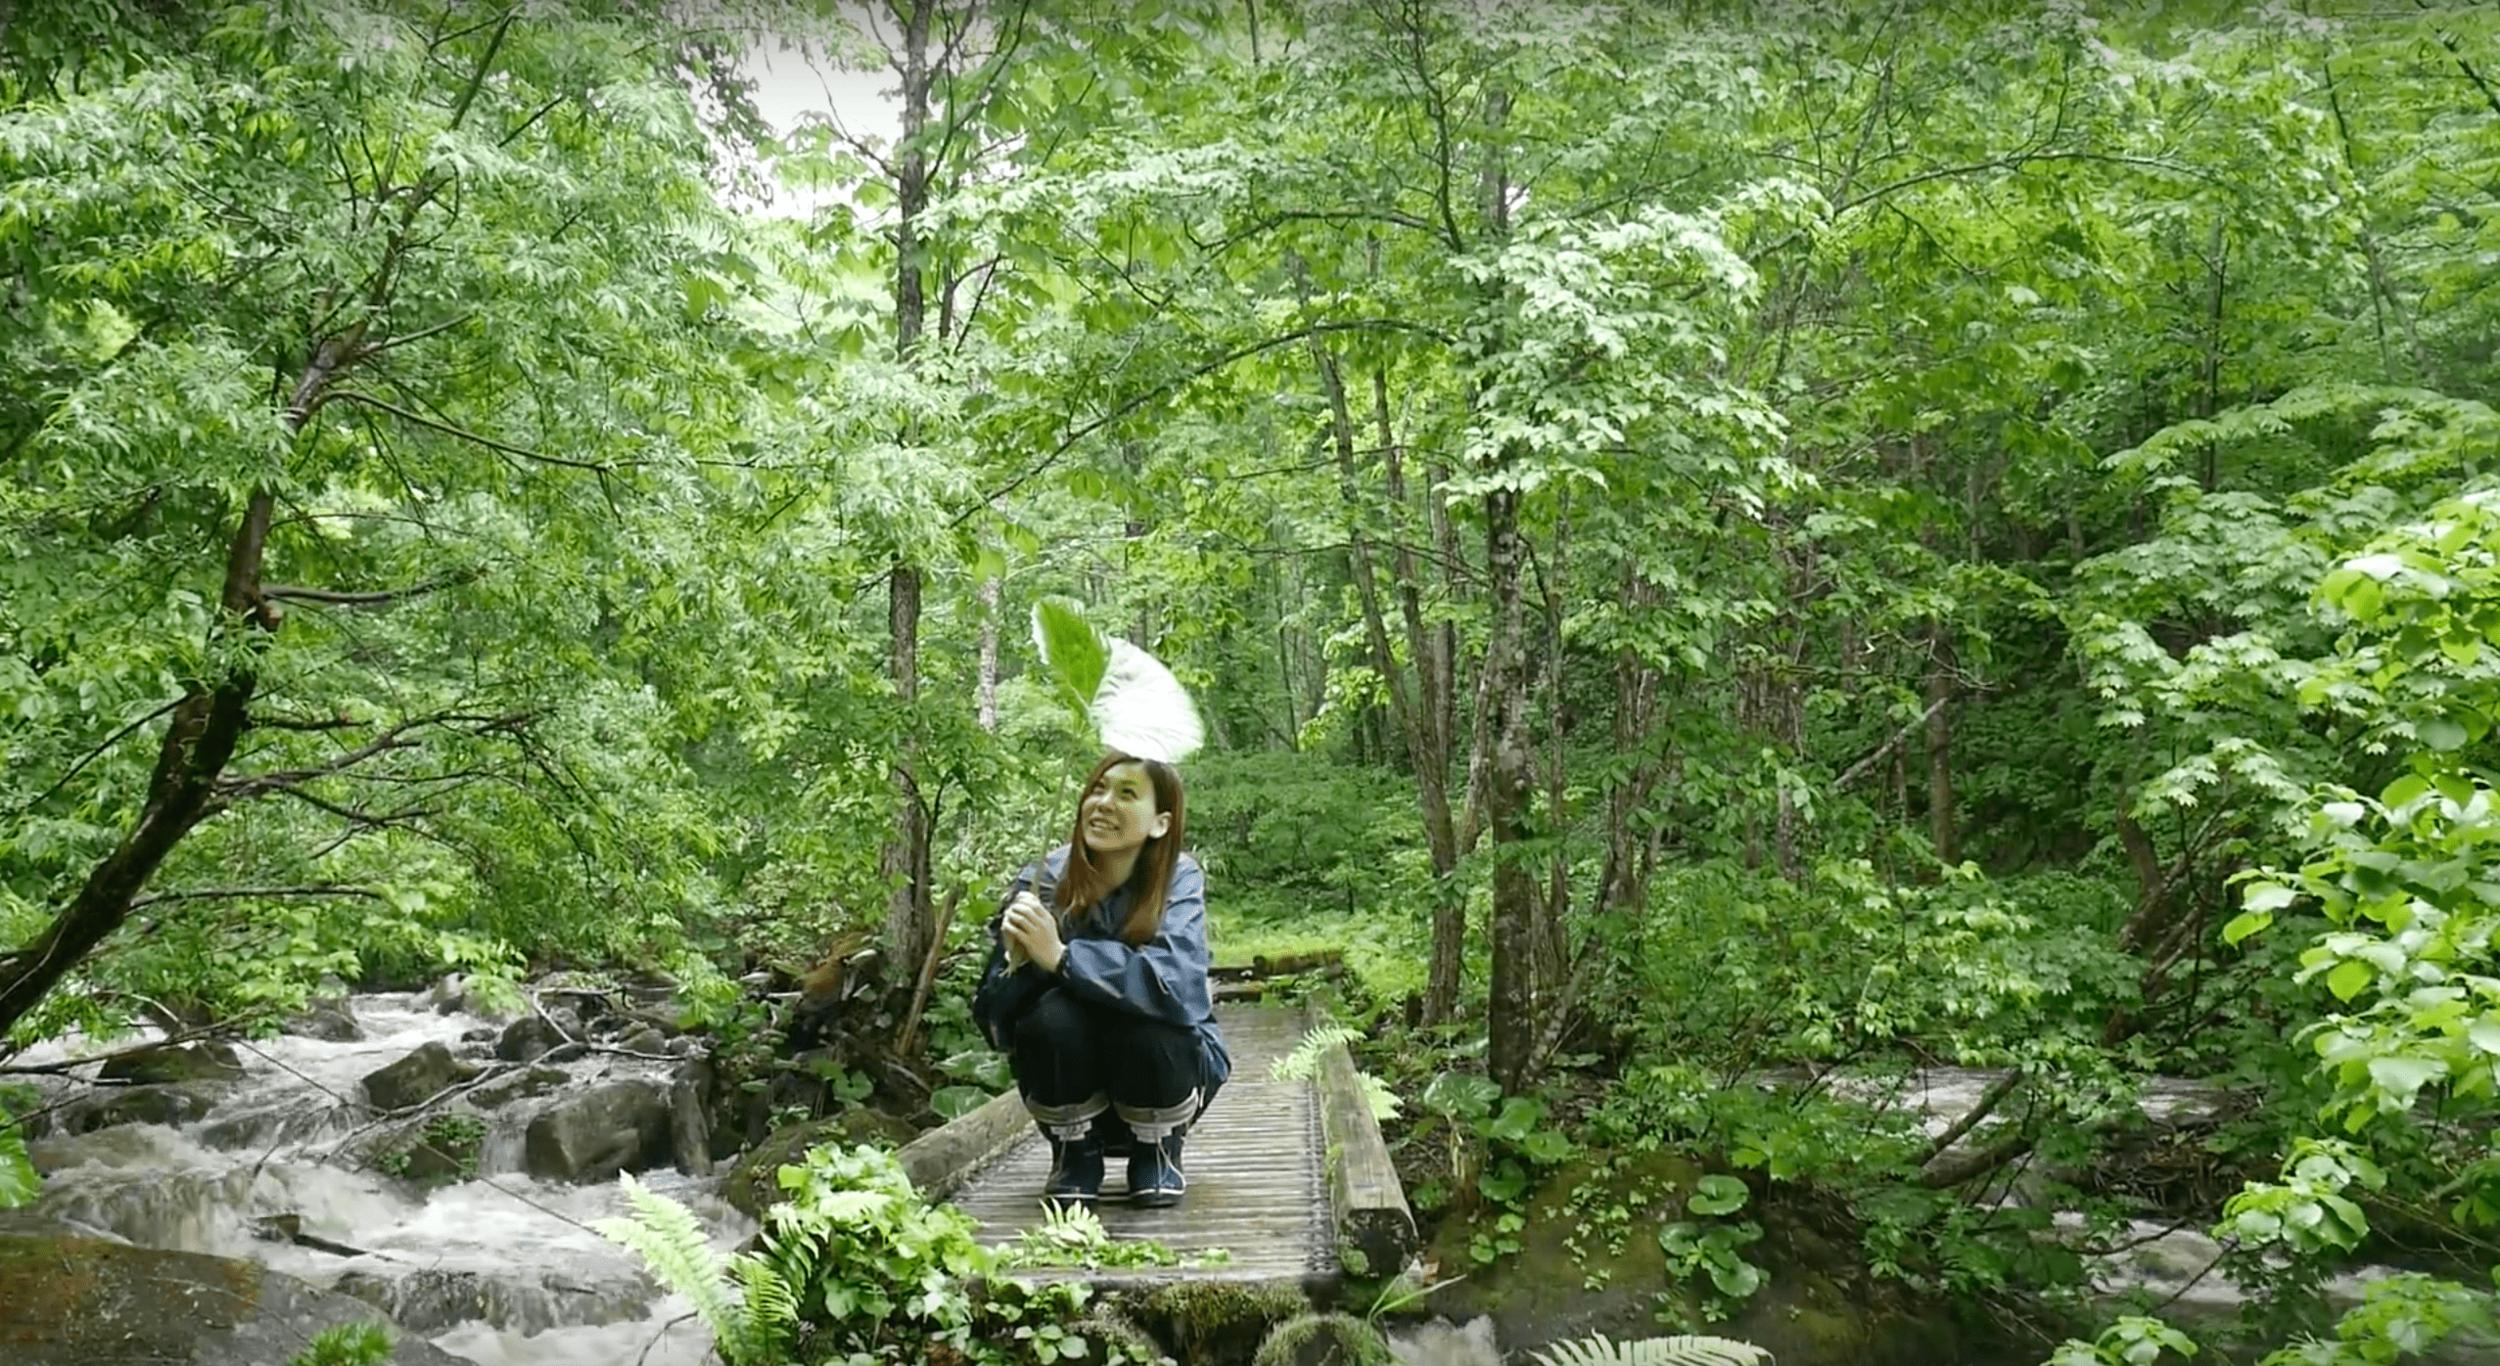 Beautiful hiking scenery